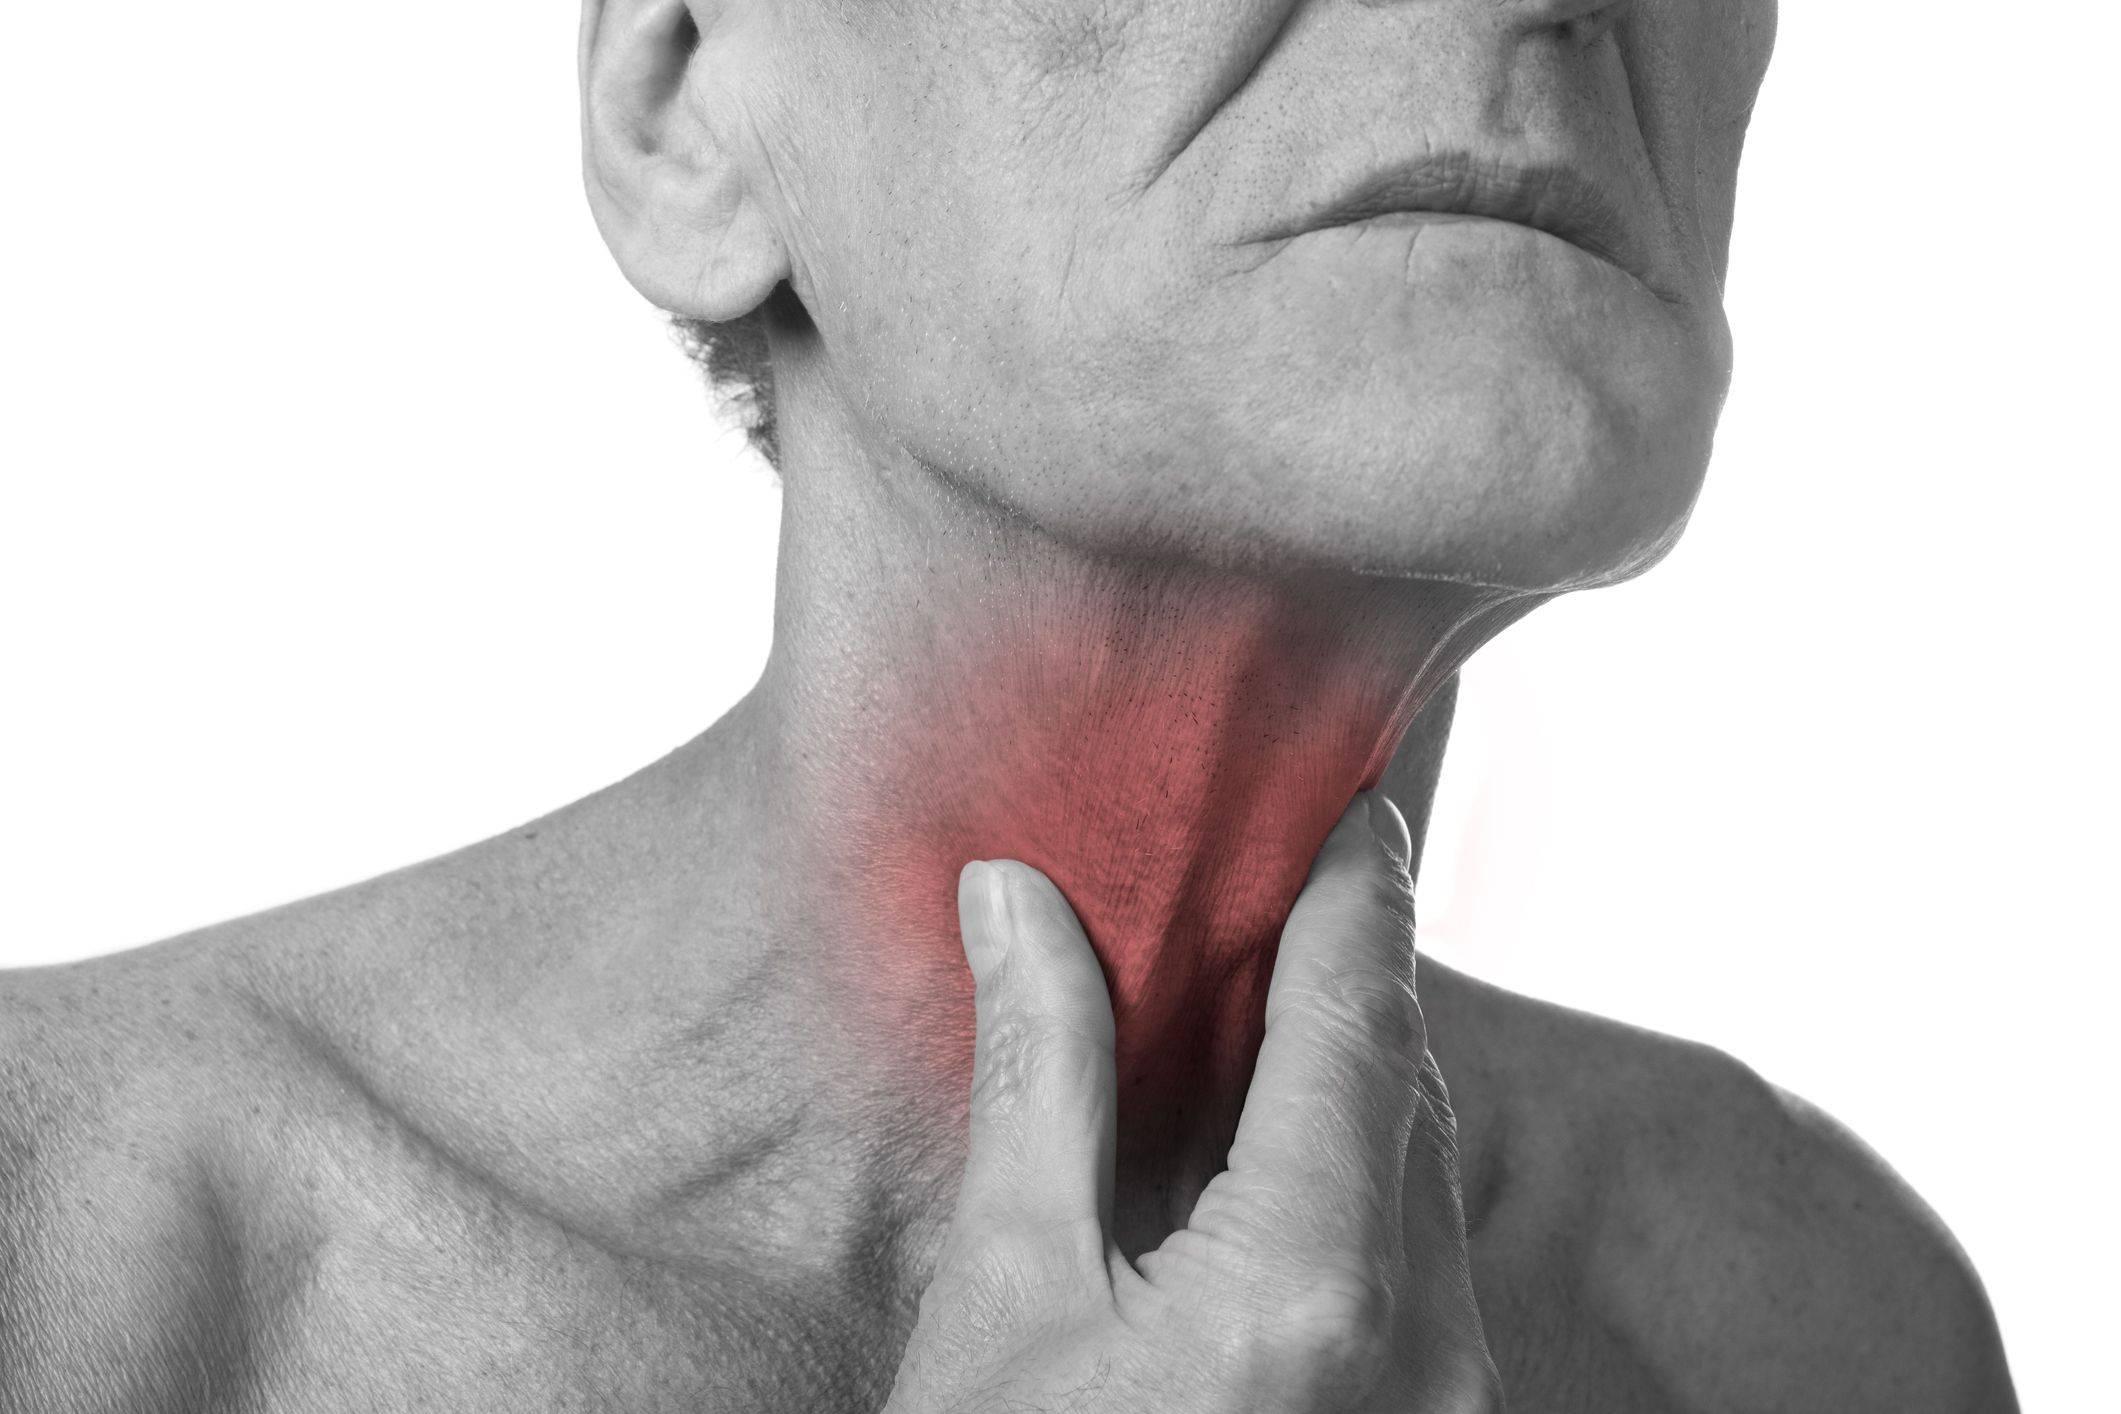 Симптомы и лечение опухоли в горле: признаки рака гортани